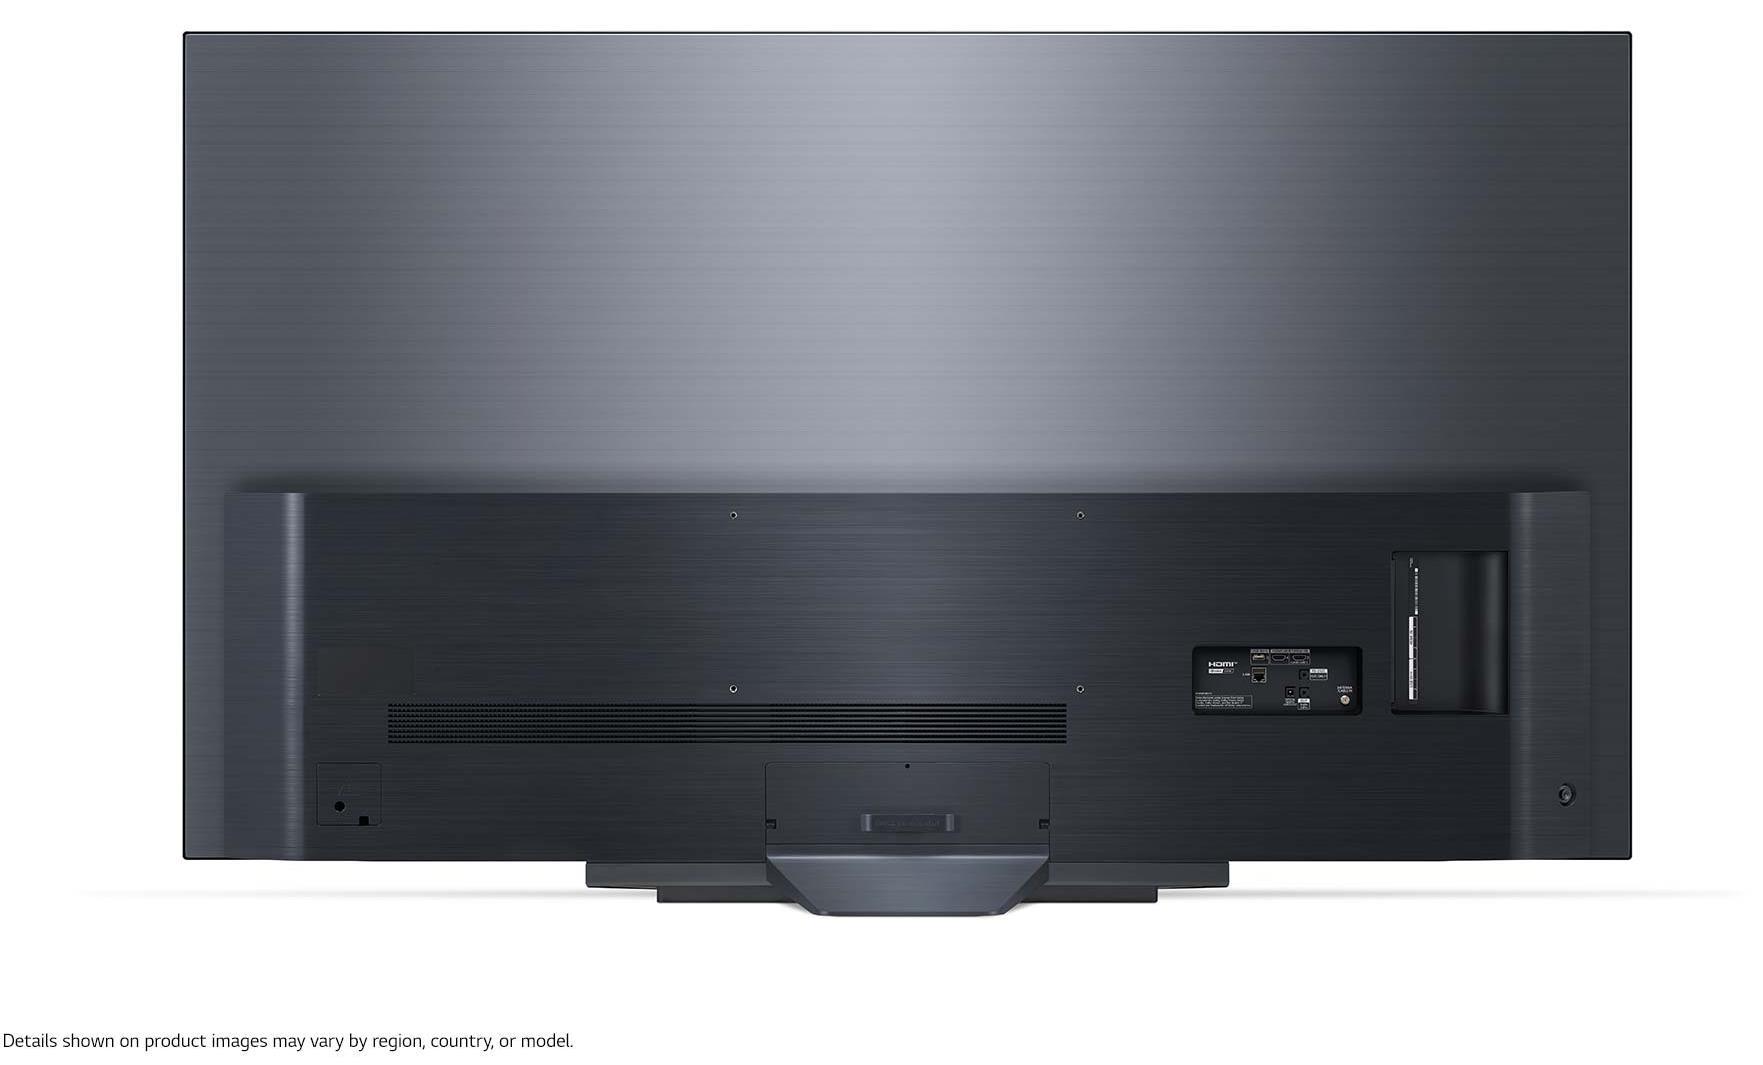 טלוויזיה 65 אינץ' דגם OLED 65B16LA/PVA  בטכנולוגיית LG OLED 4K Ultra HD אל ג'י - תמונה 7